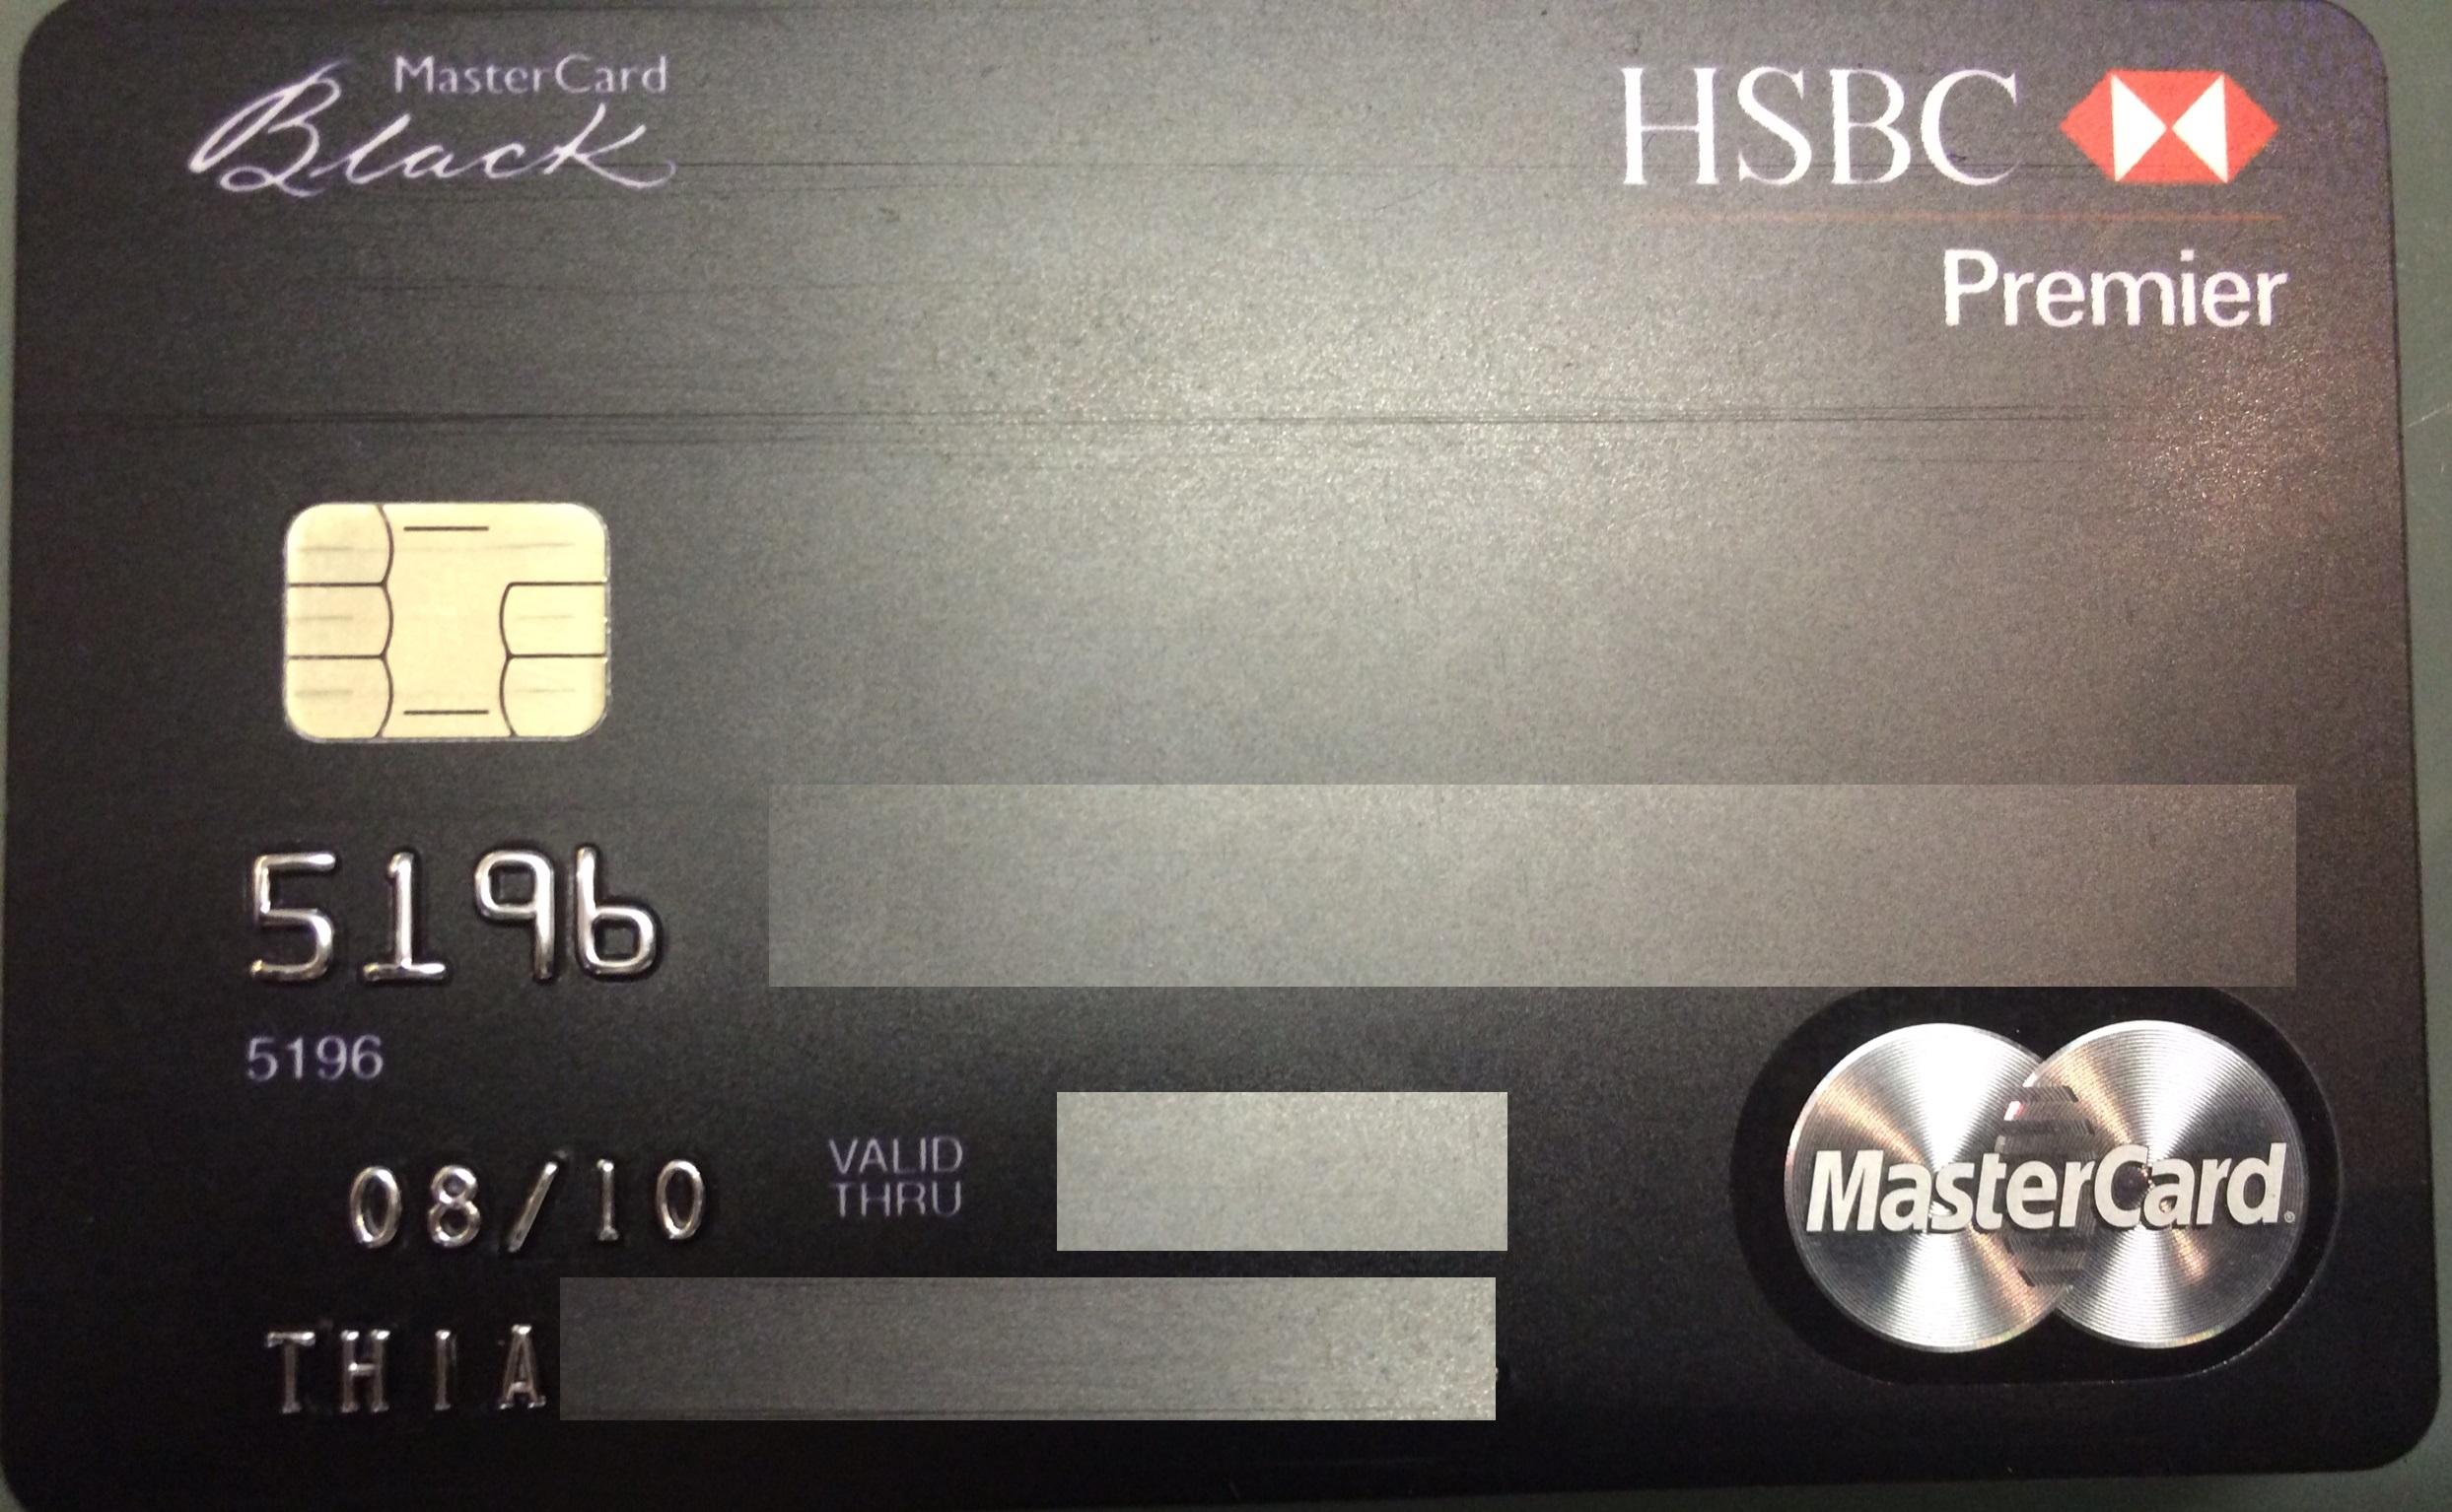 Cartão de crédito HSBC Premier MasterCard Black • Falando de Viagem